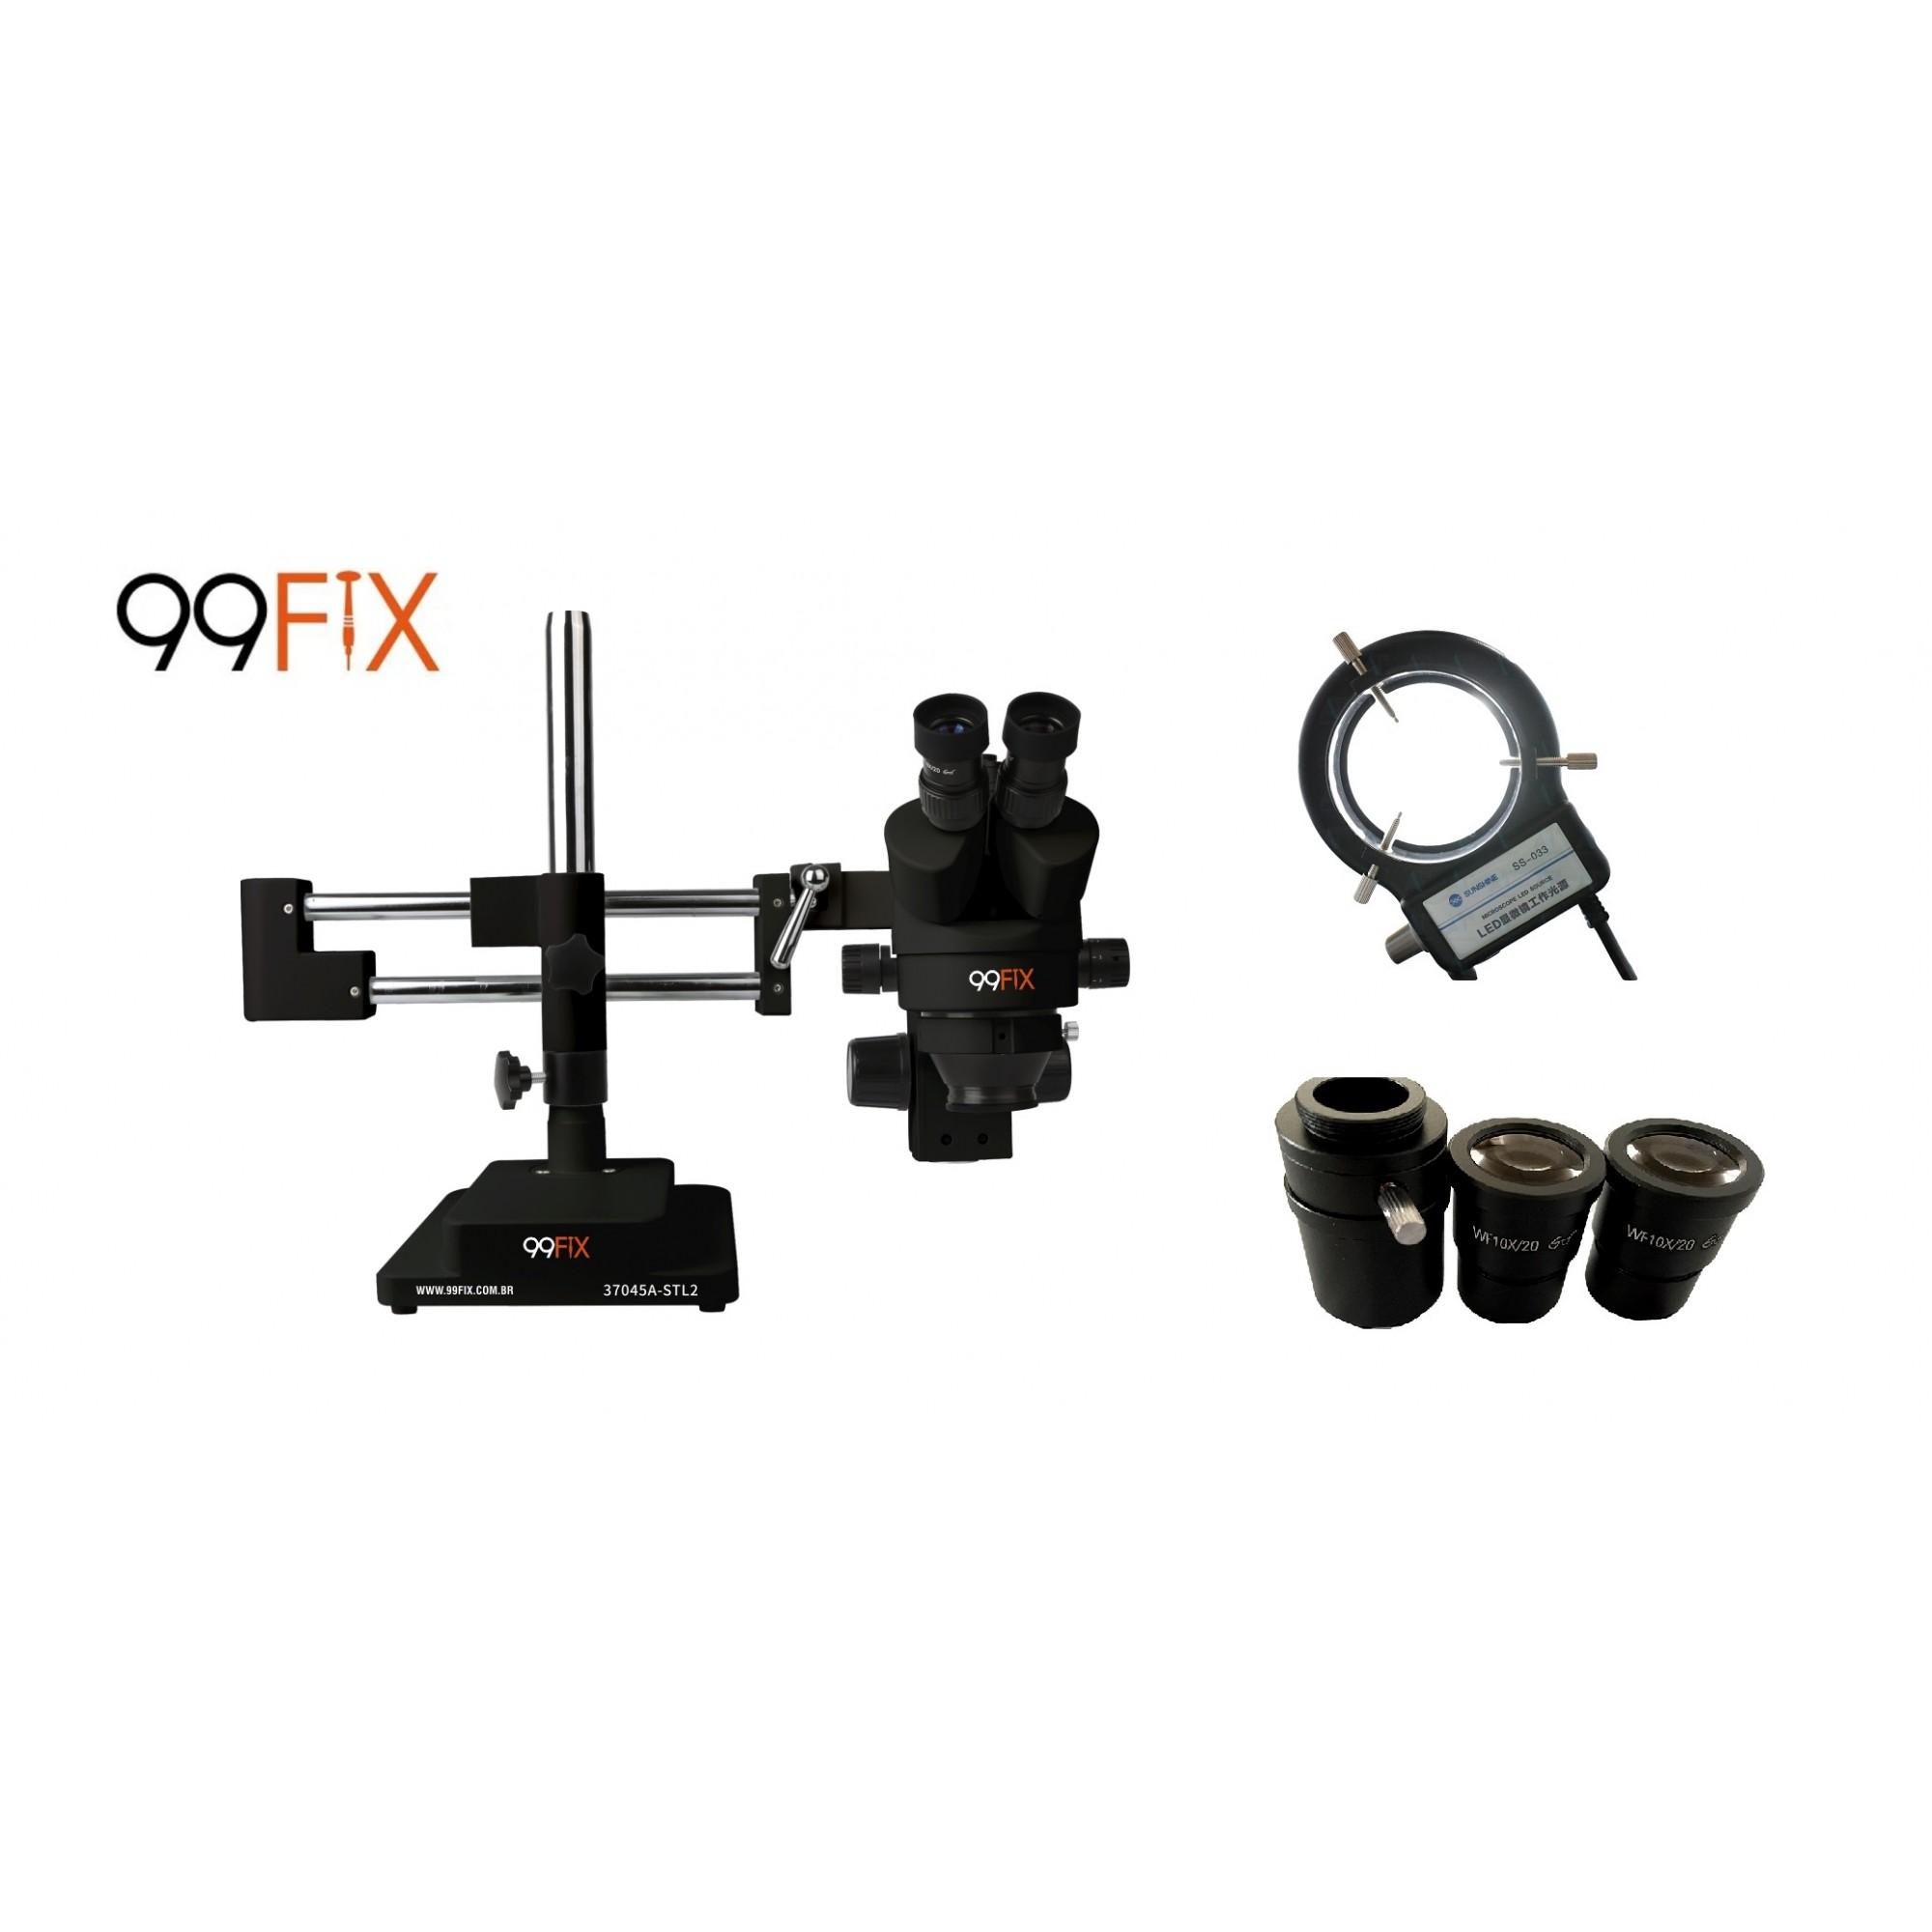 99FIX / Kaisi  37045a-stl2  Microscópio Estereoscópico Trinocular Preto com Lâmpada de led SS-033 Preta Simul-focal